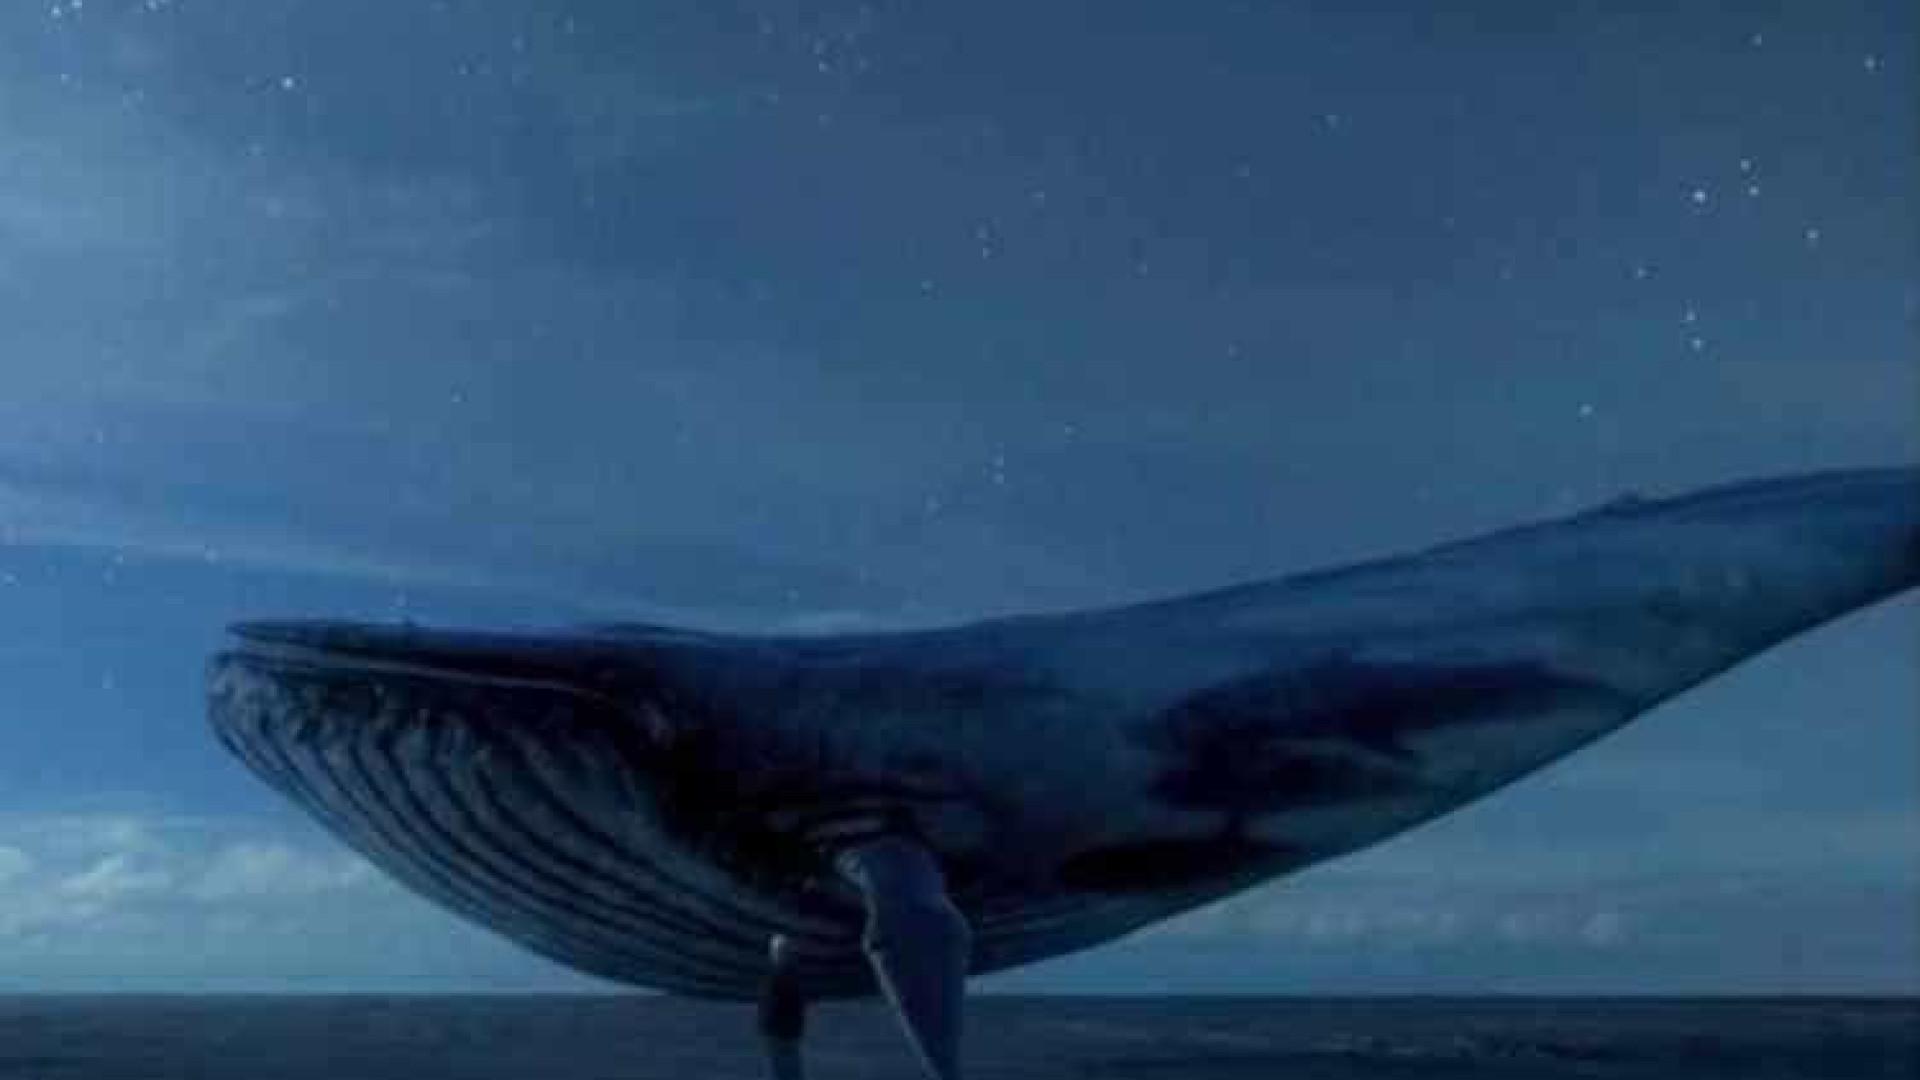 Curadores do 'jogo da baleia azul' podem ser indiciados por homicídio